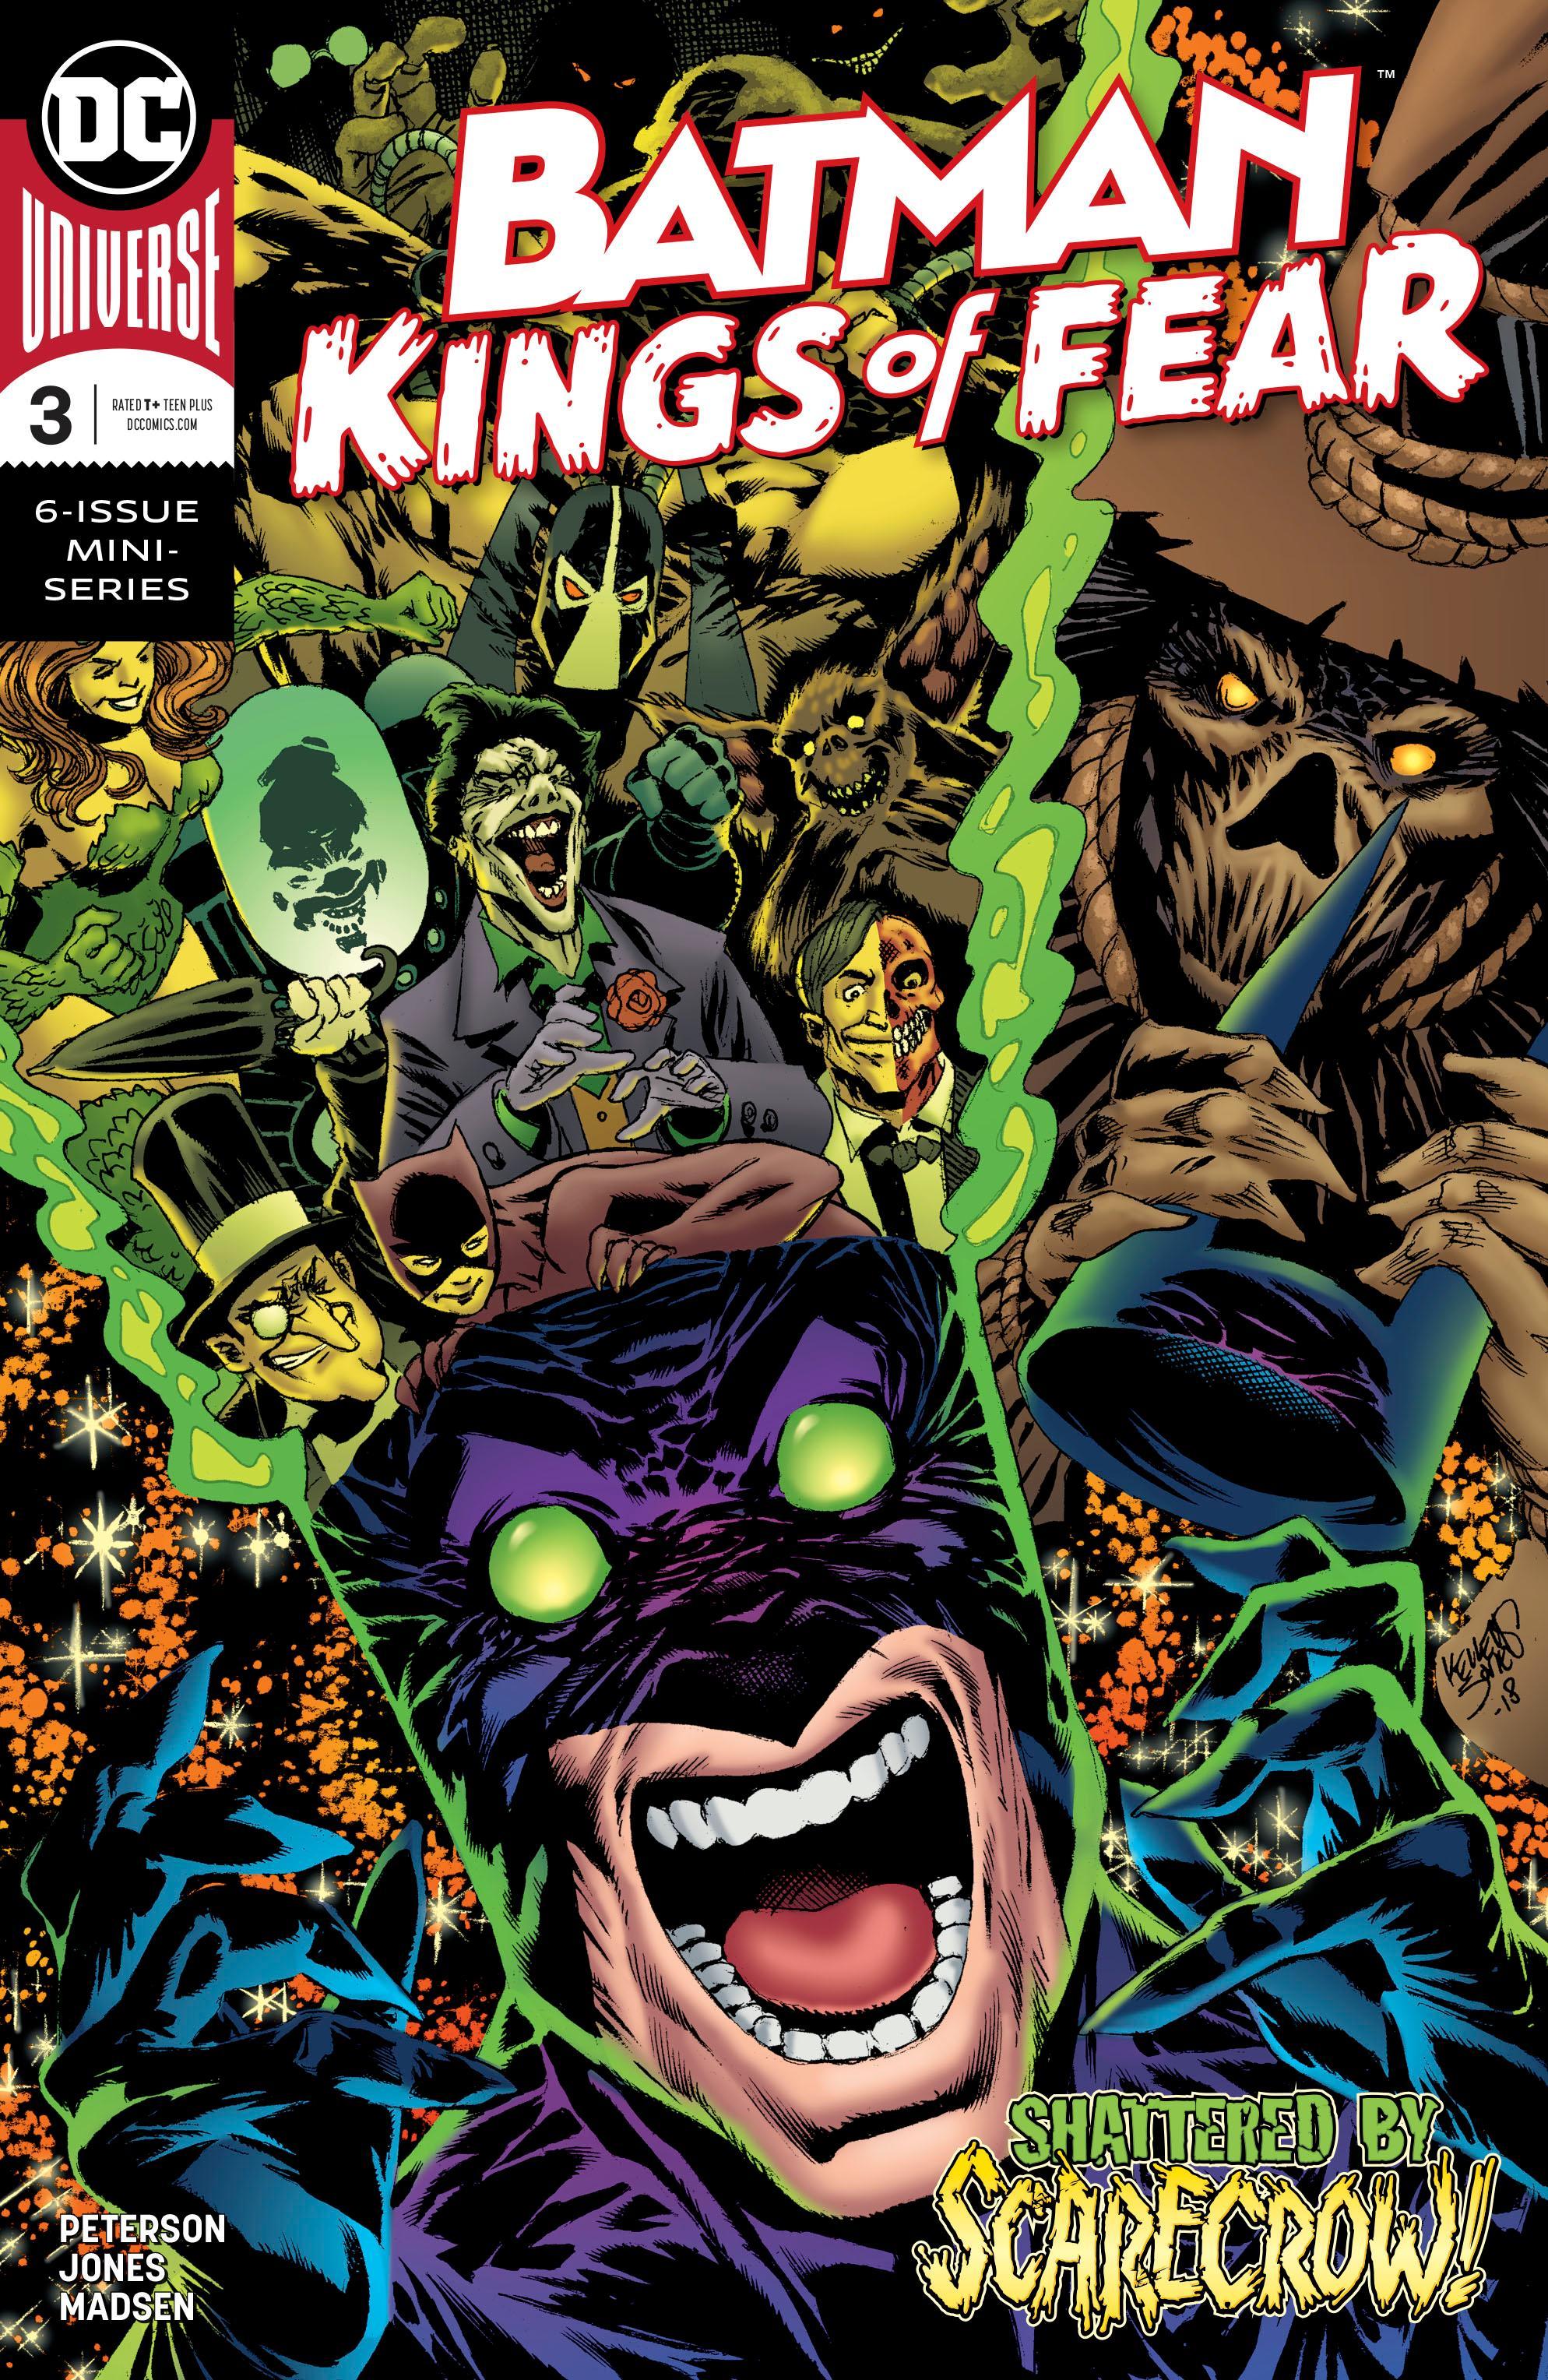 Batman kings of fear 3 review